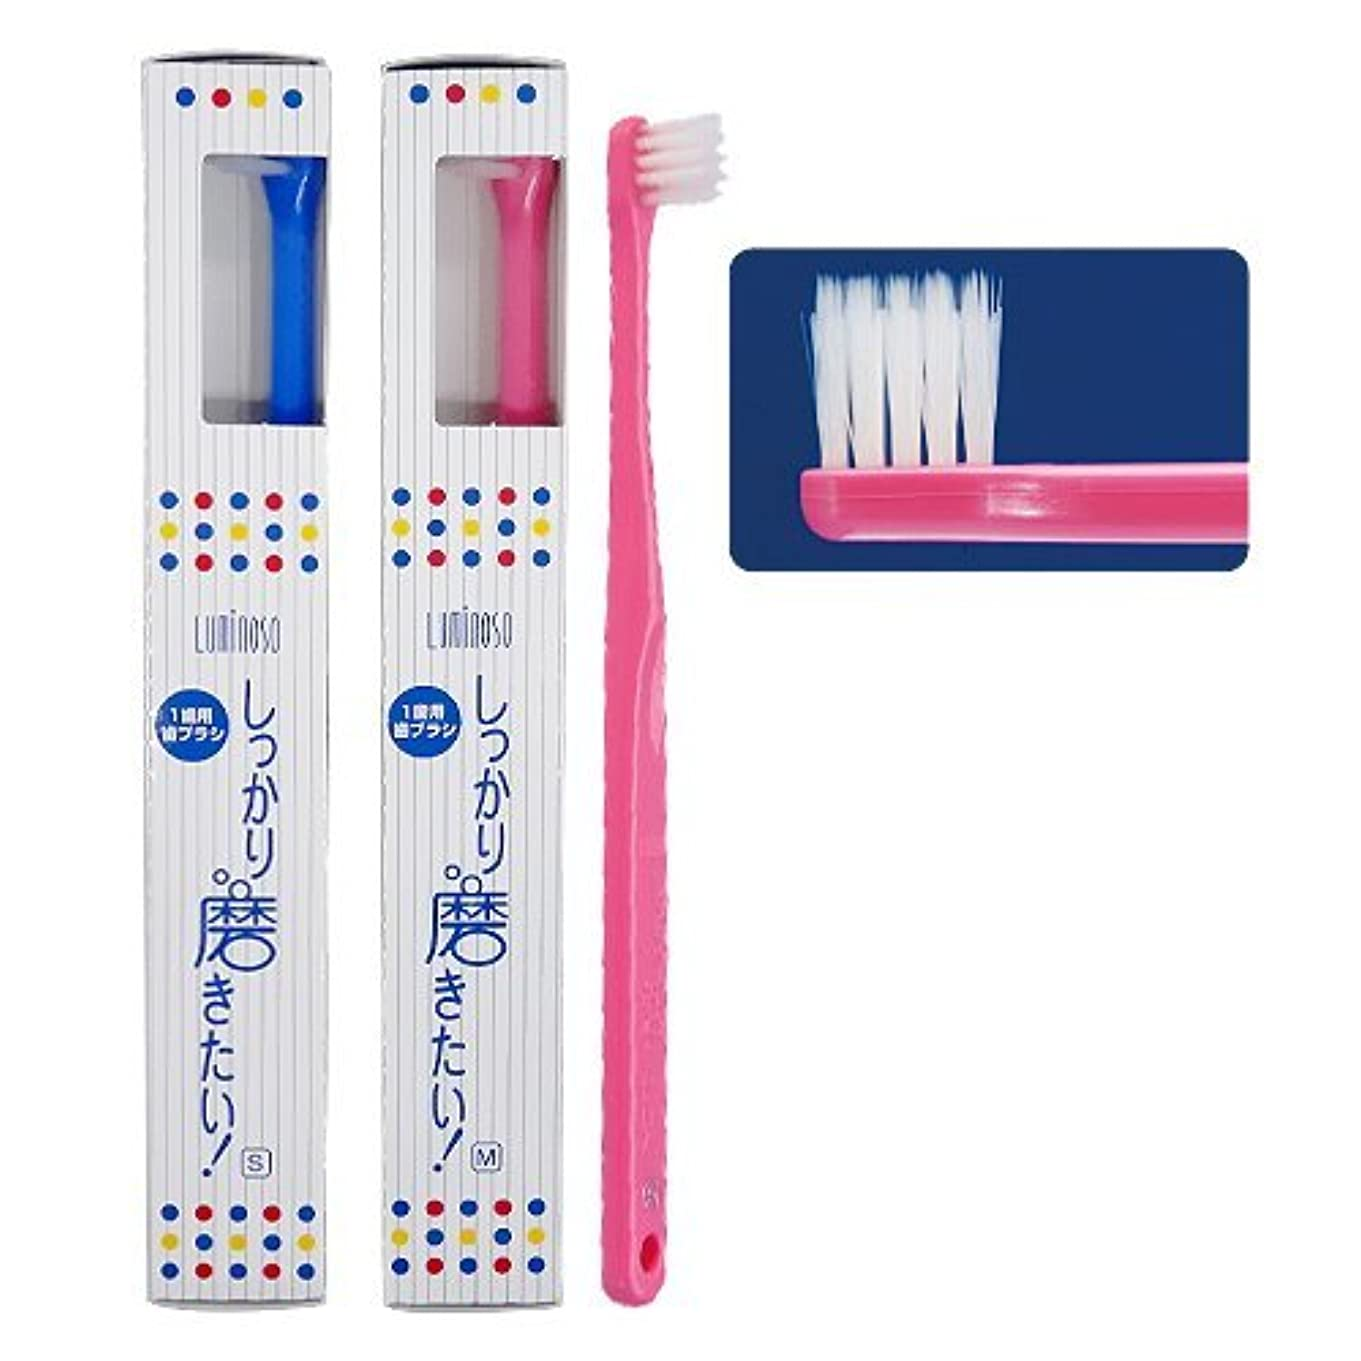 眉をひそめるパブステレオルミノソ 1歯用歯ブラシ「しっかり磨きたい!」スタンダード ソフト (カラー指定不可) 5本